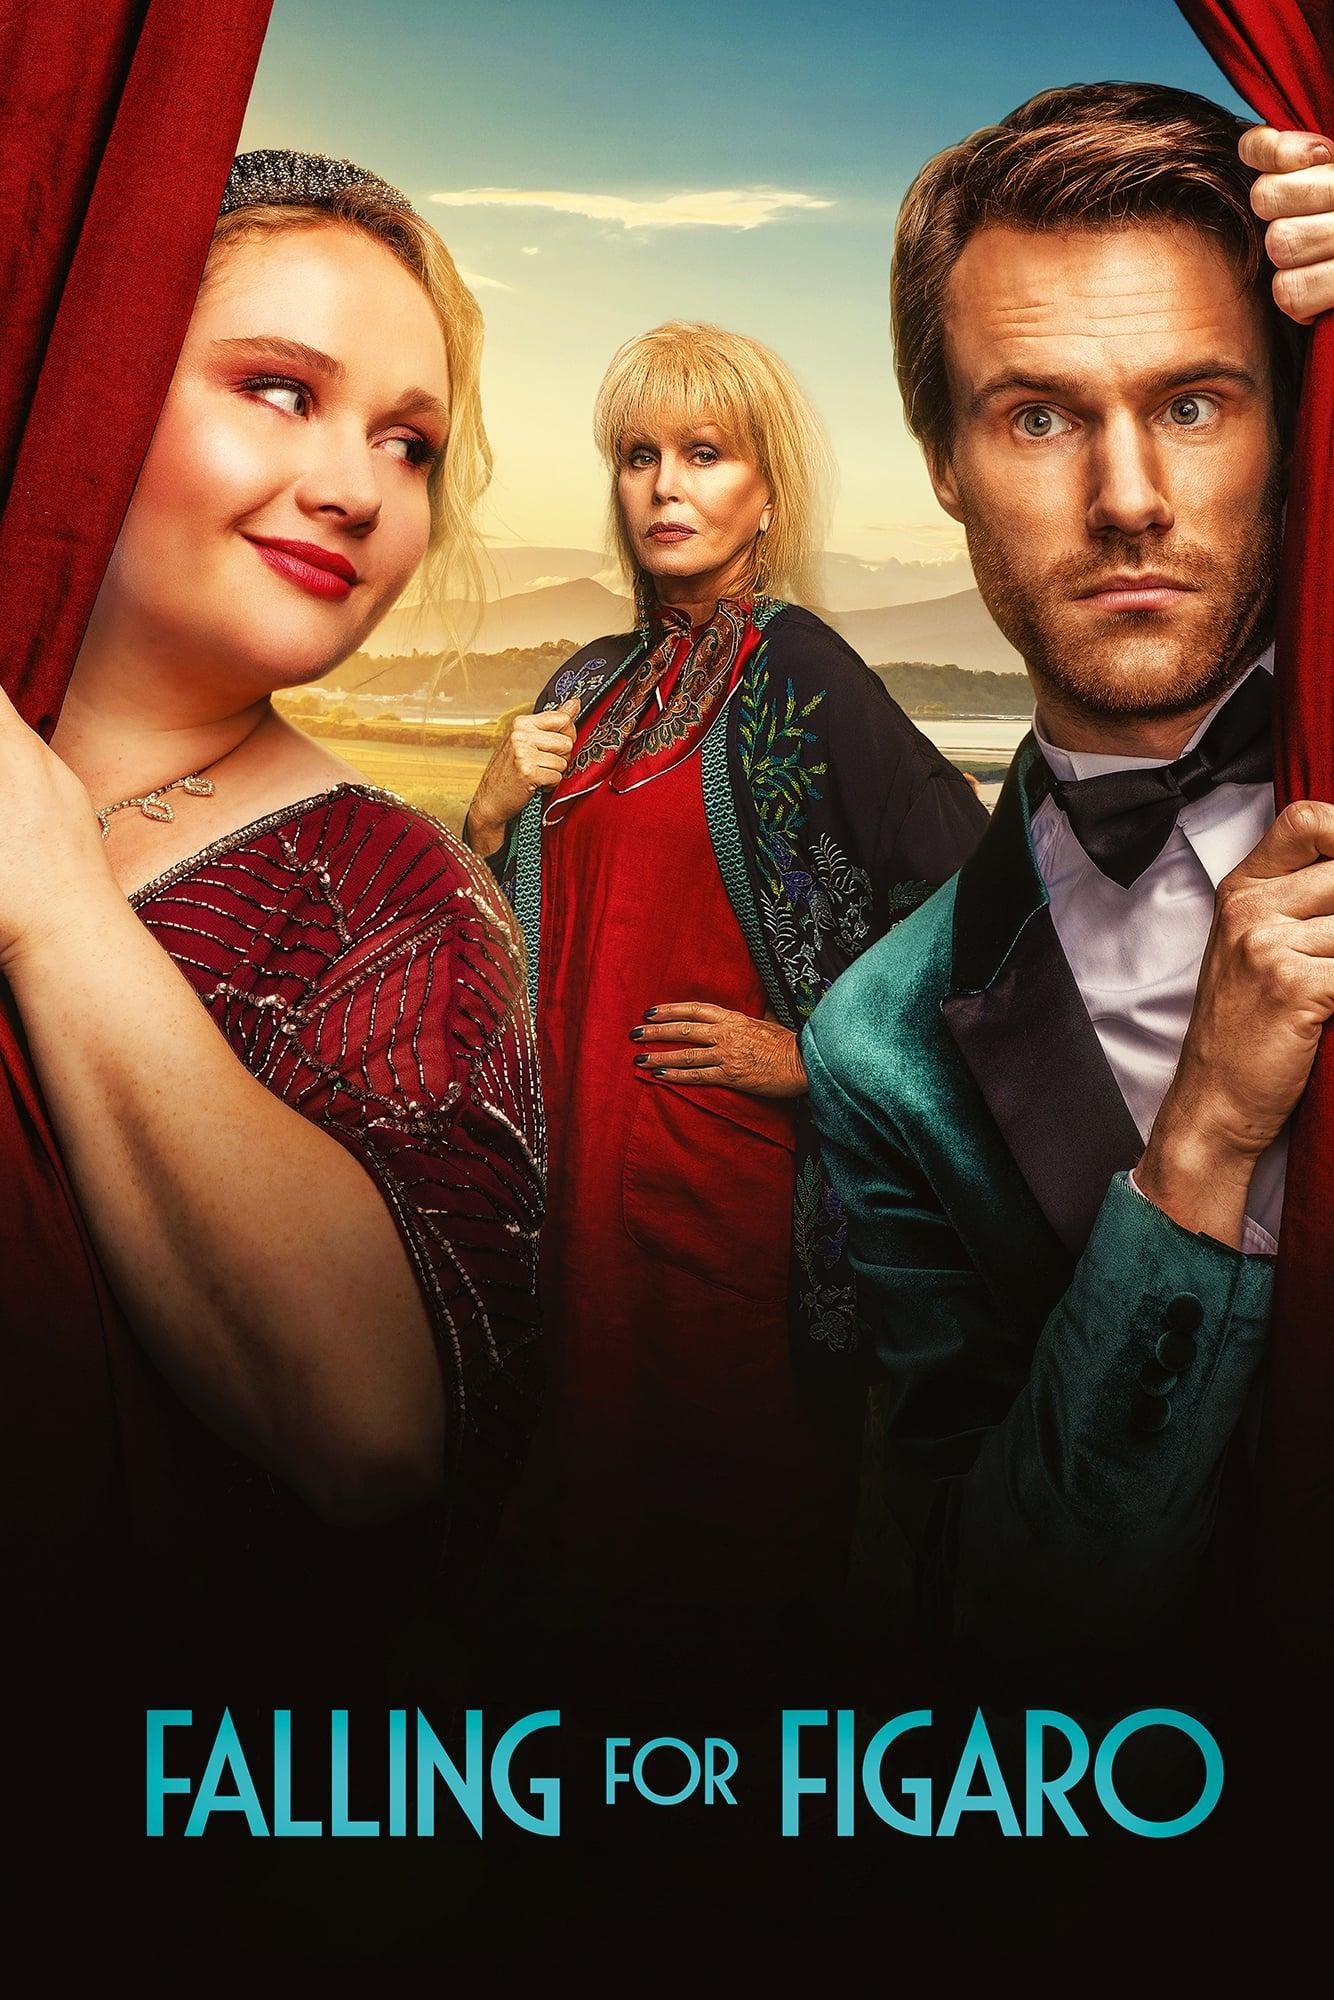 爱上费加罗 Falling for Figaro (2020)